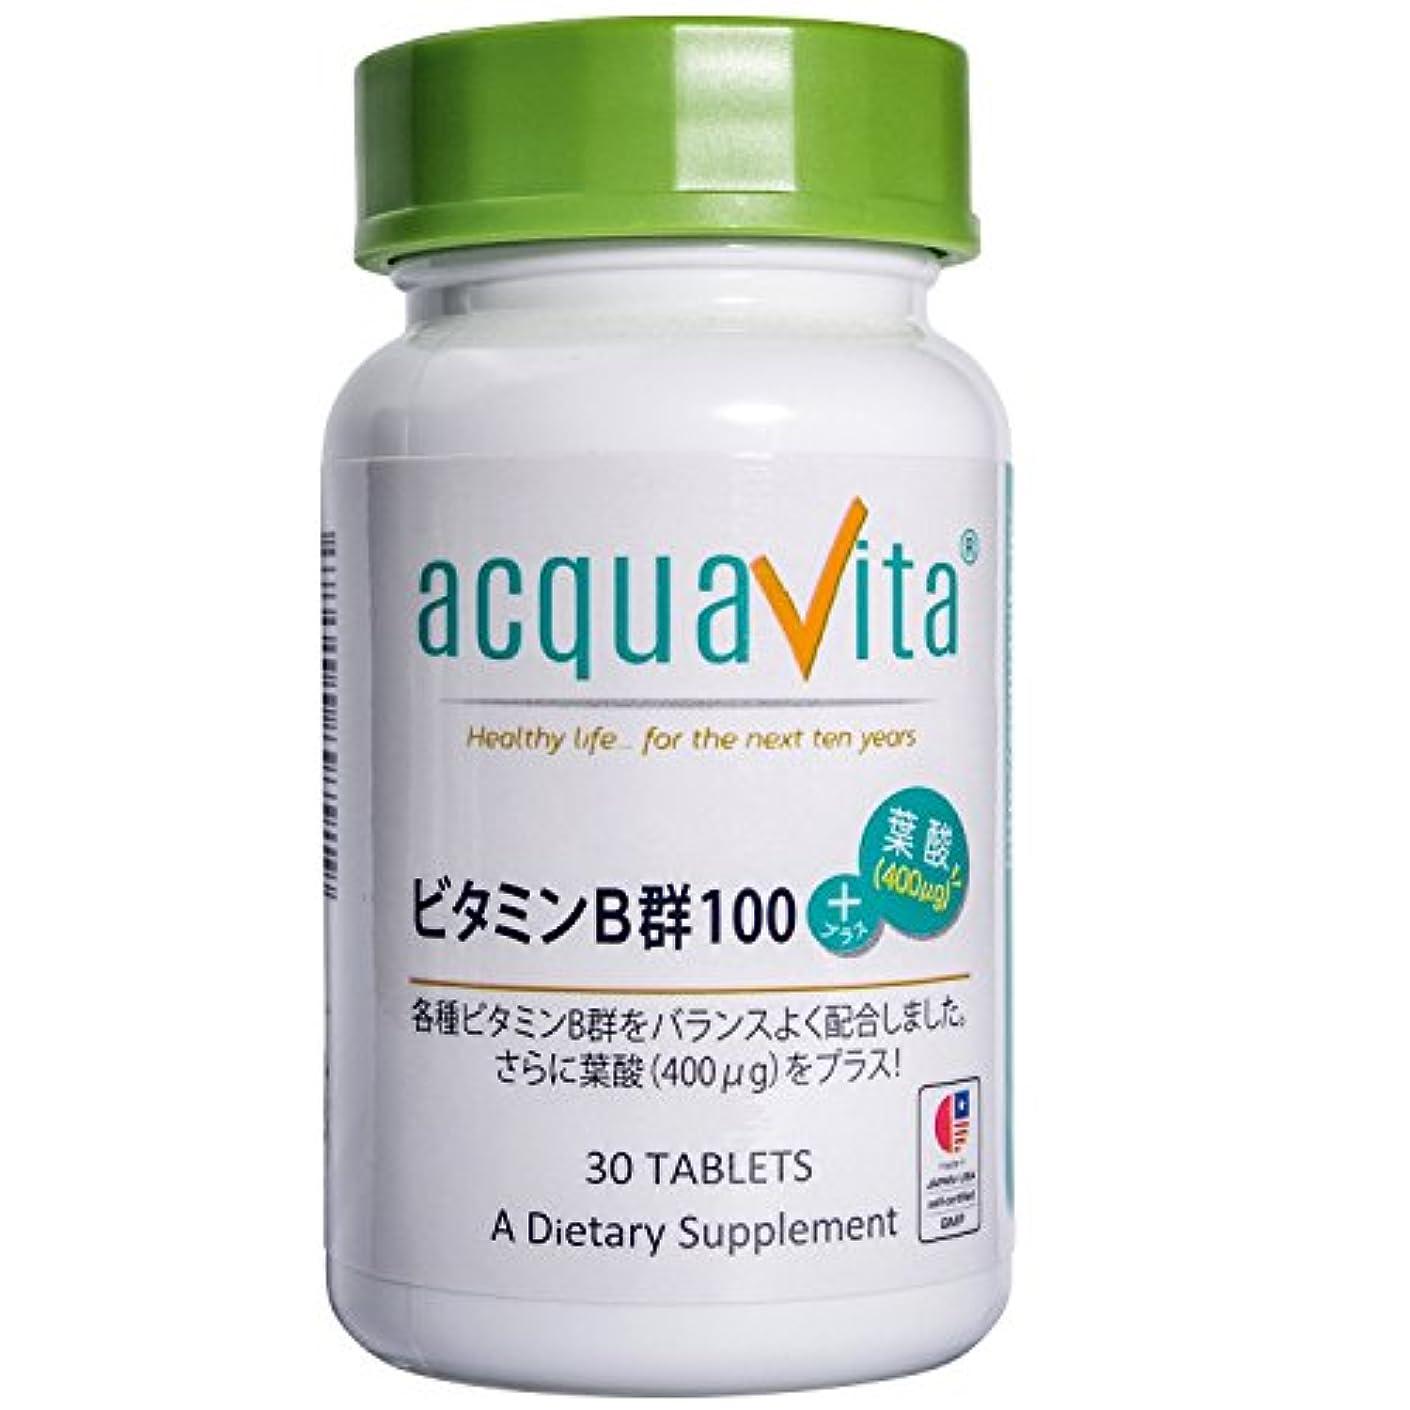 発表する争い問い合わせるacquavita(アクアヴィータ) ビタミンB群100+葉酸(400μg) 30粒